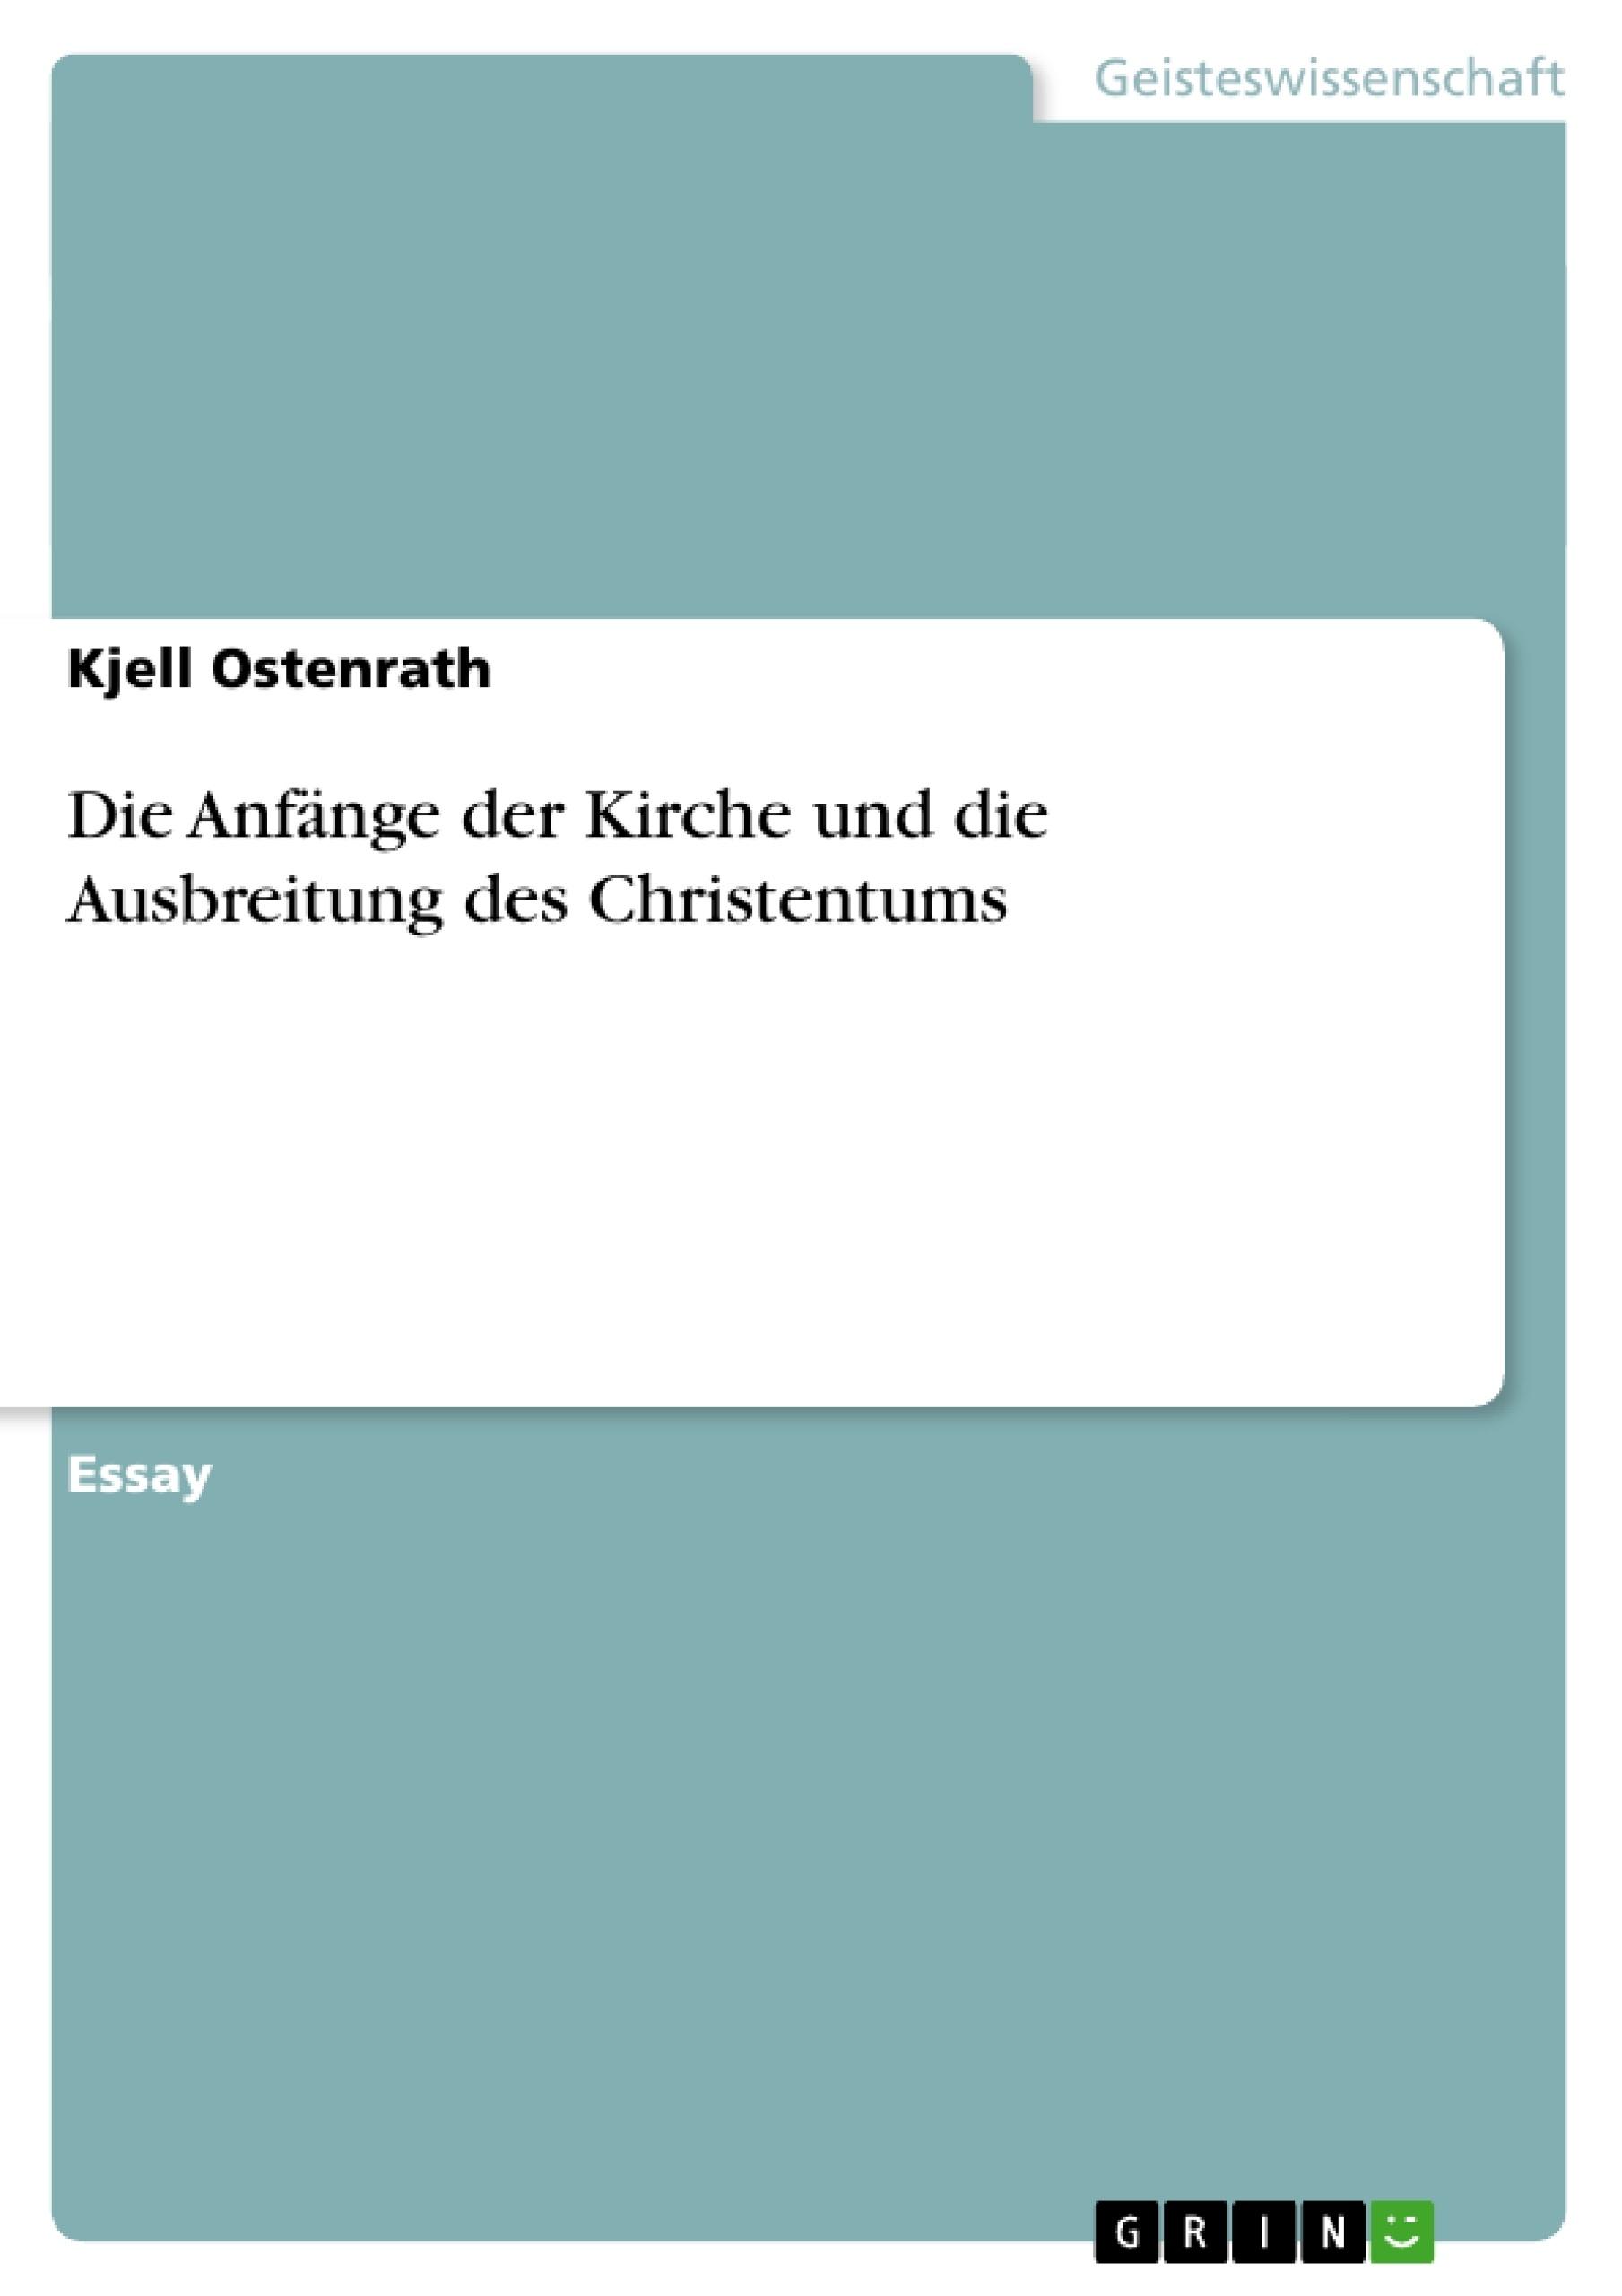 Titel: Die Anfänge der Kirche und die Ausbreitung des Christentums